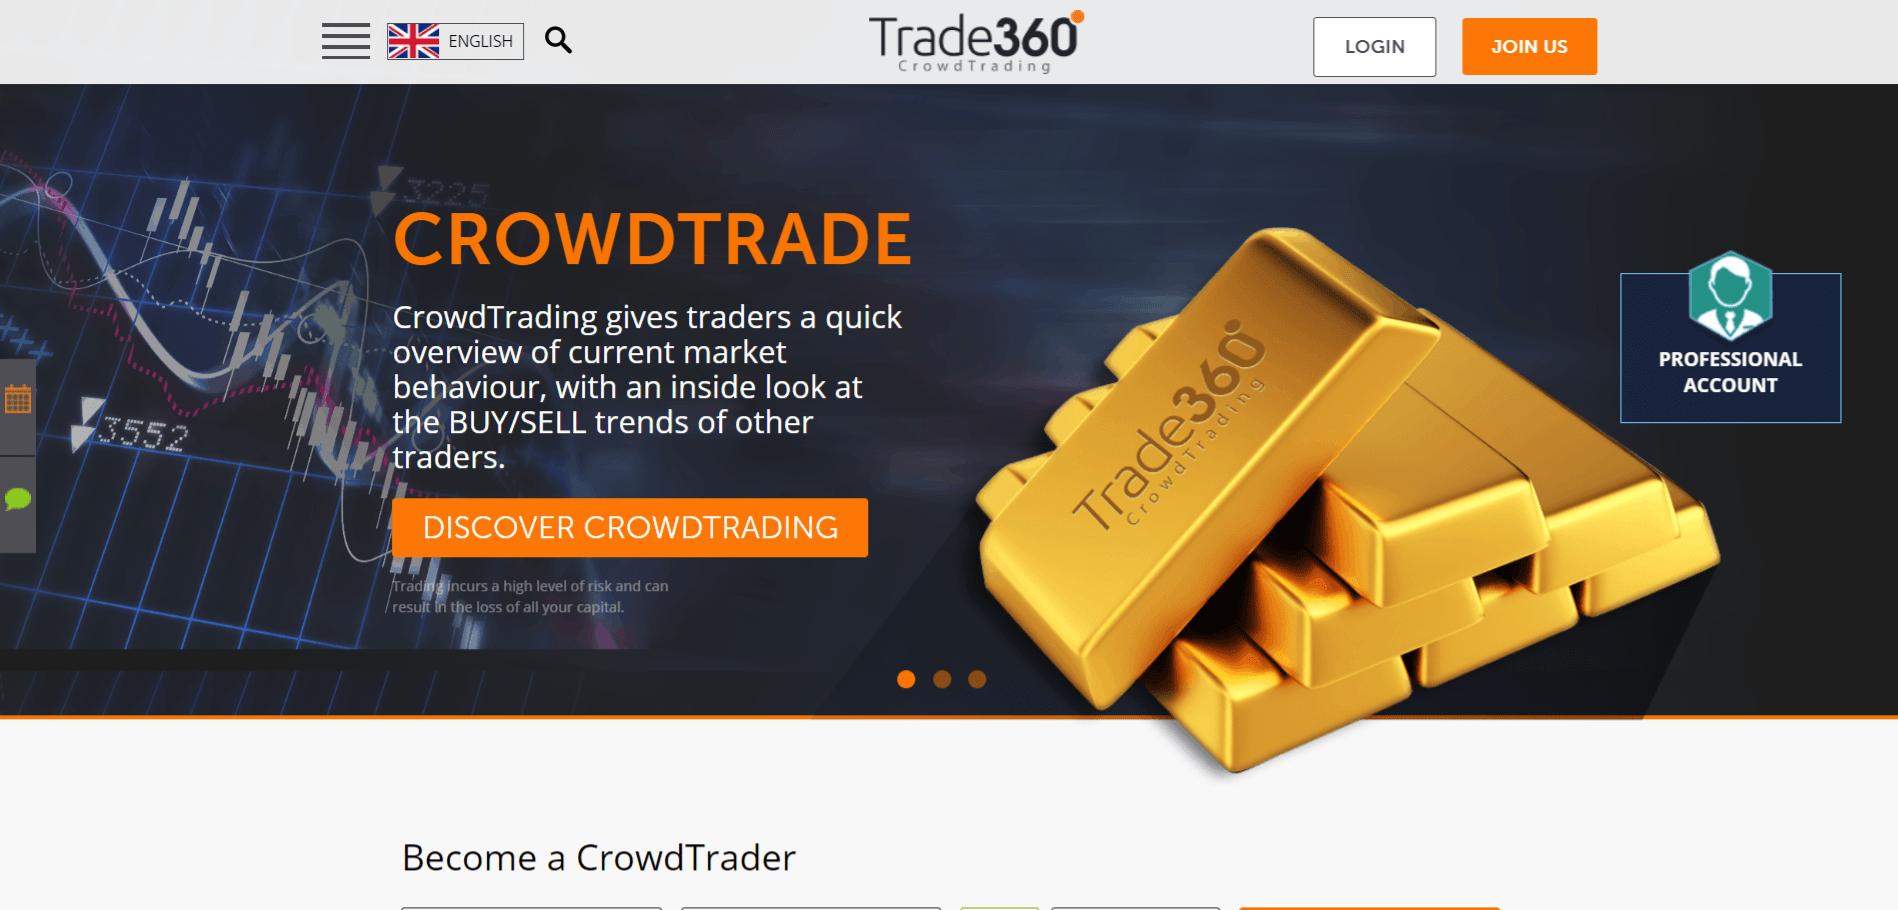 Trade360.com review